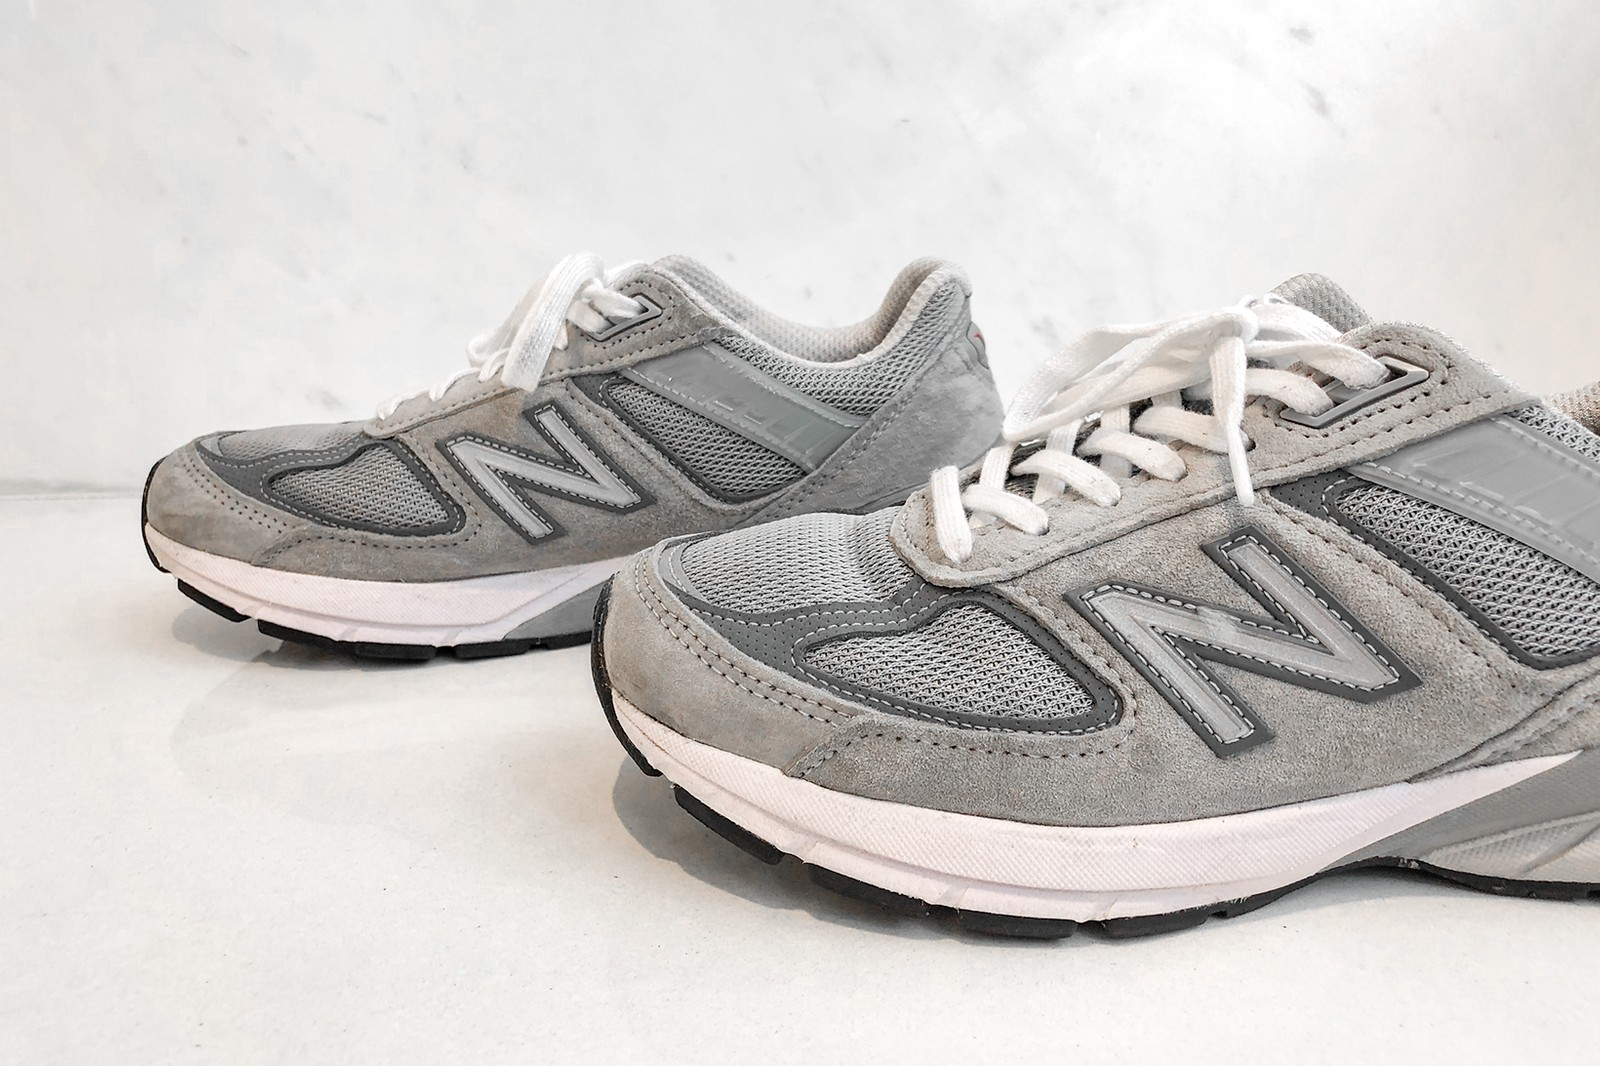 New Balance 990v5 990 Sneakers Footwear Shoes Kicks Women's Sneaker Running Shoes Grey Castlerock